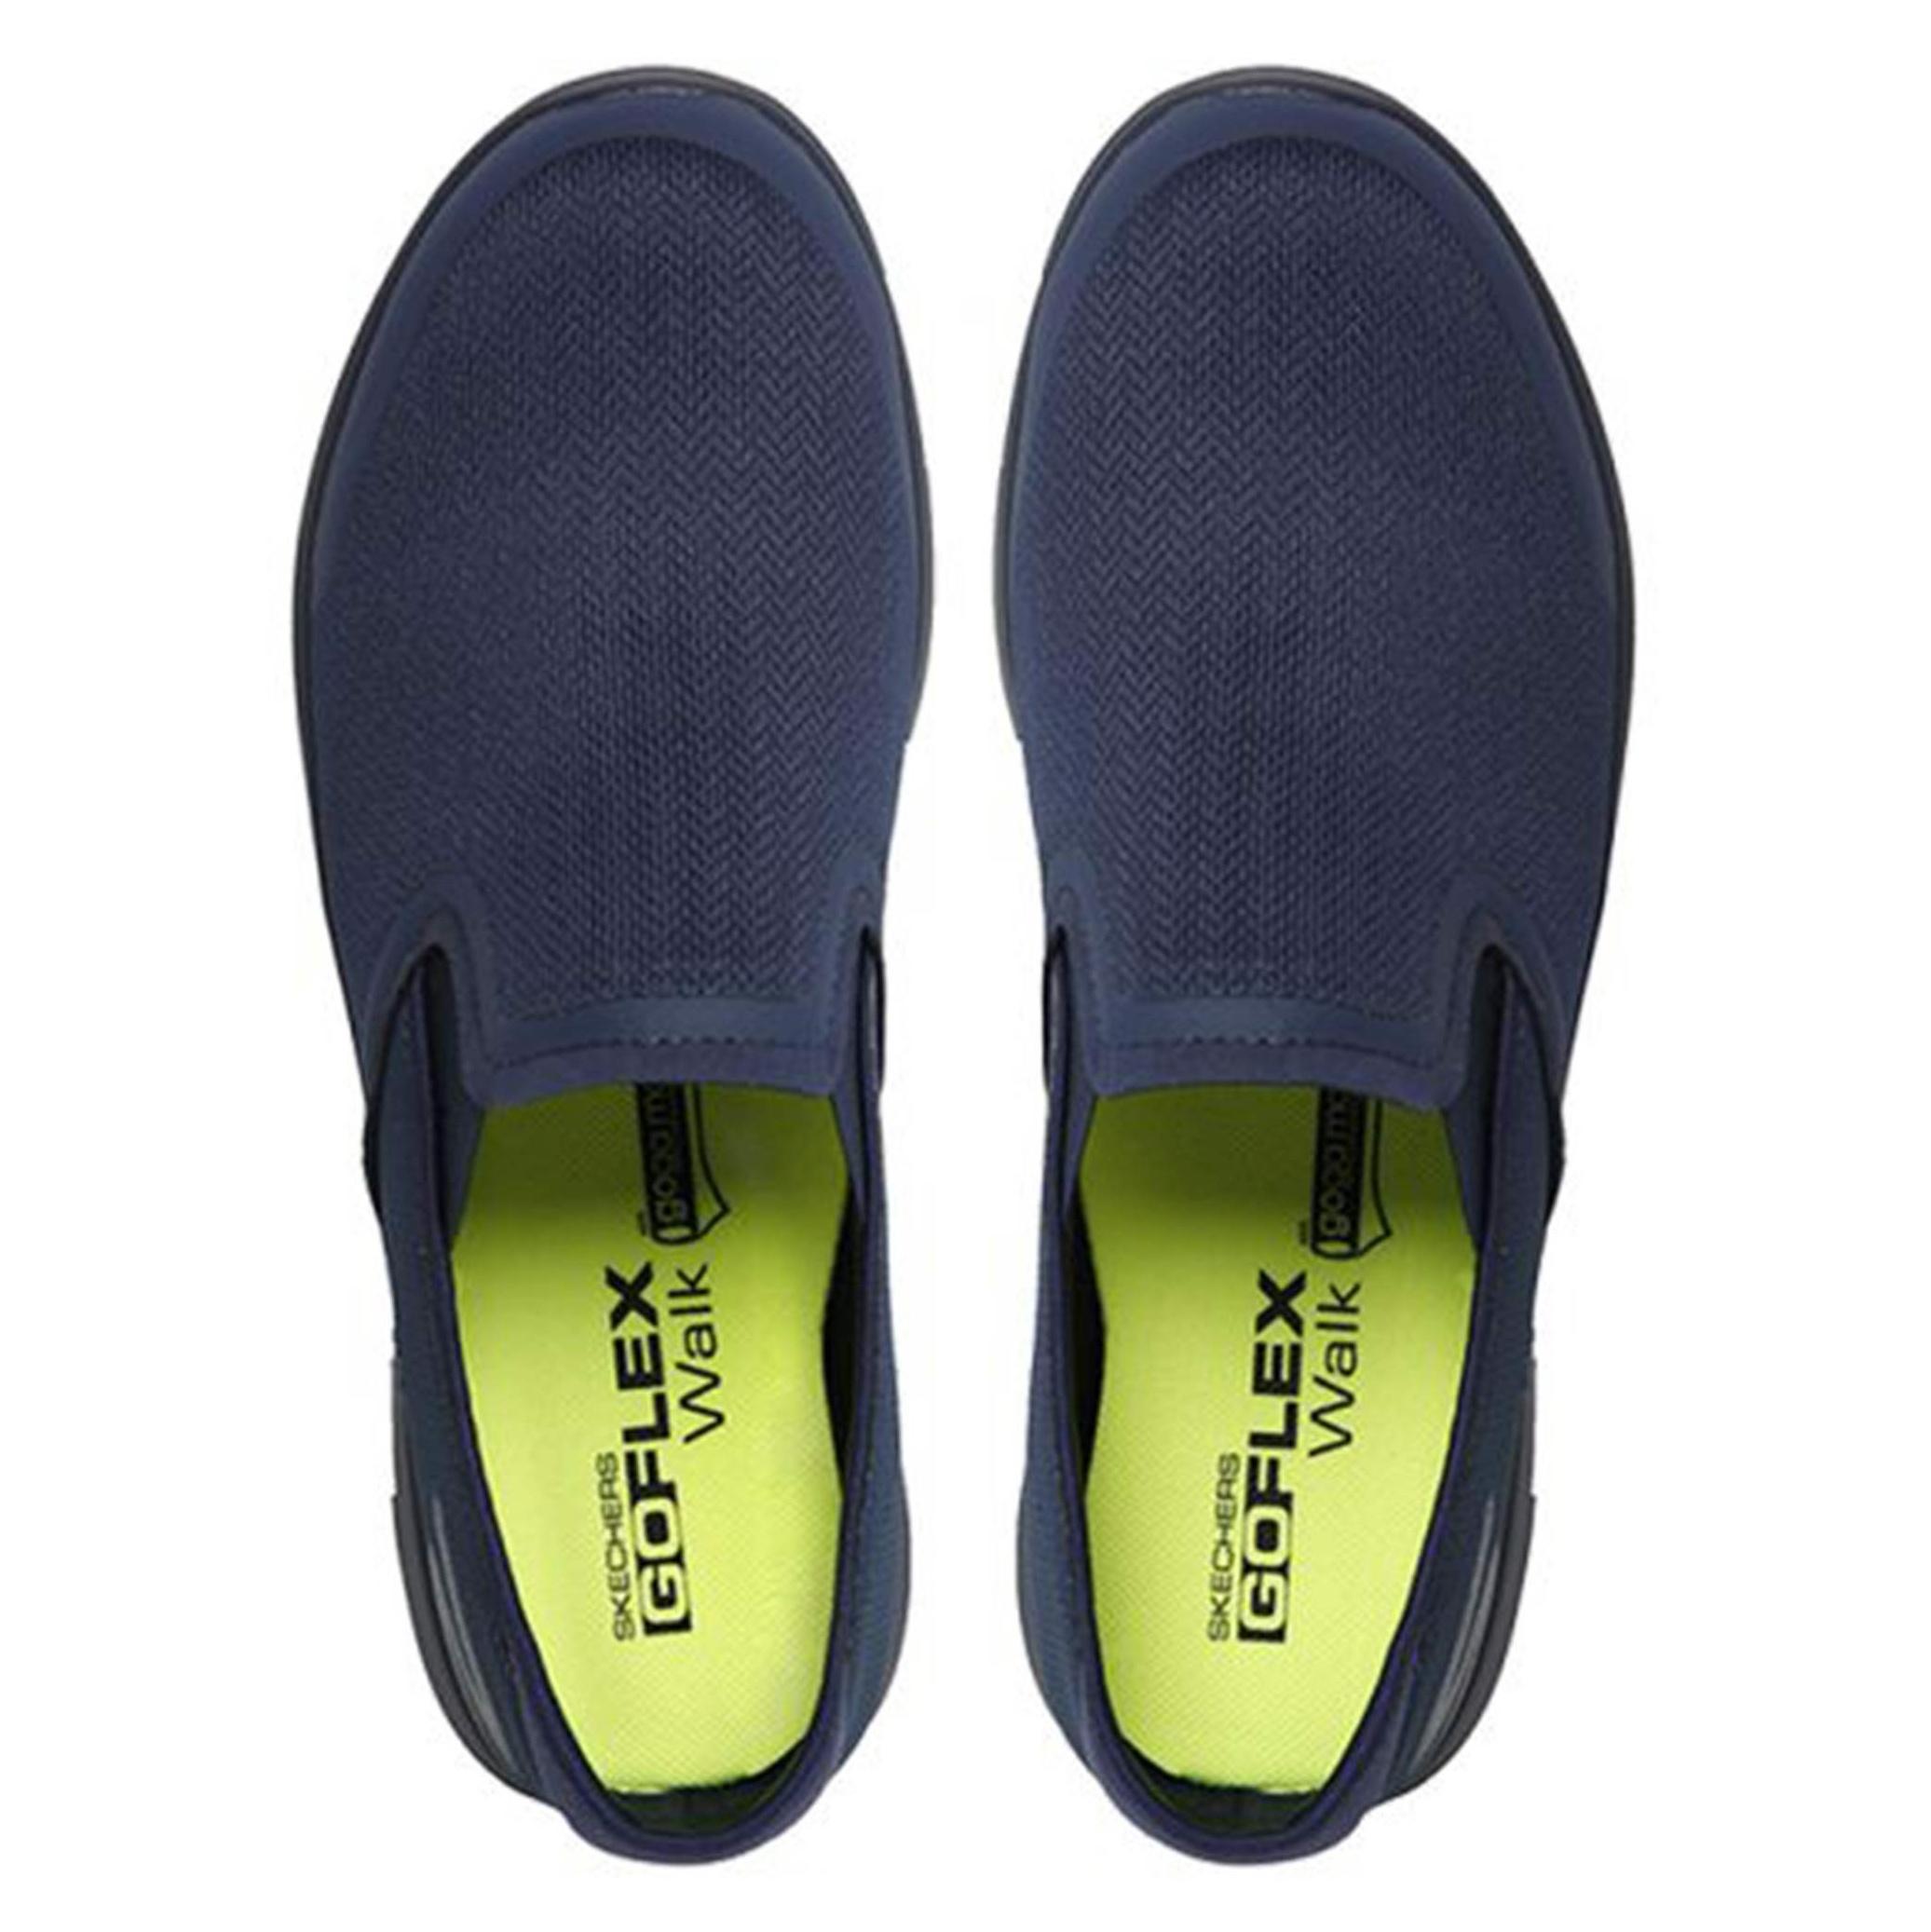 کفش پیاده روی پارچه ای مردانه GO FLEX Walk - اسکچرز - سرمه اي - 7